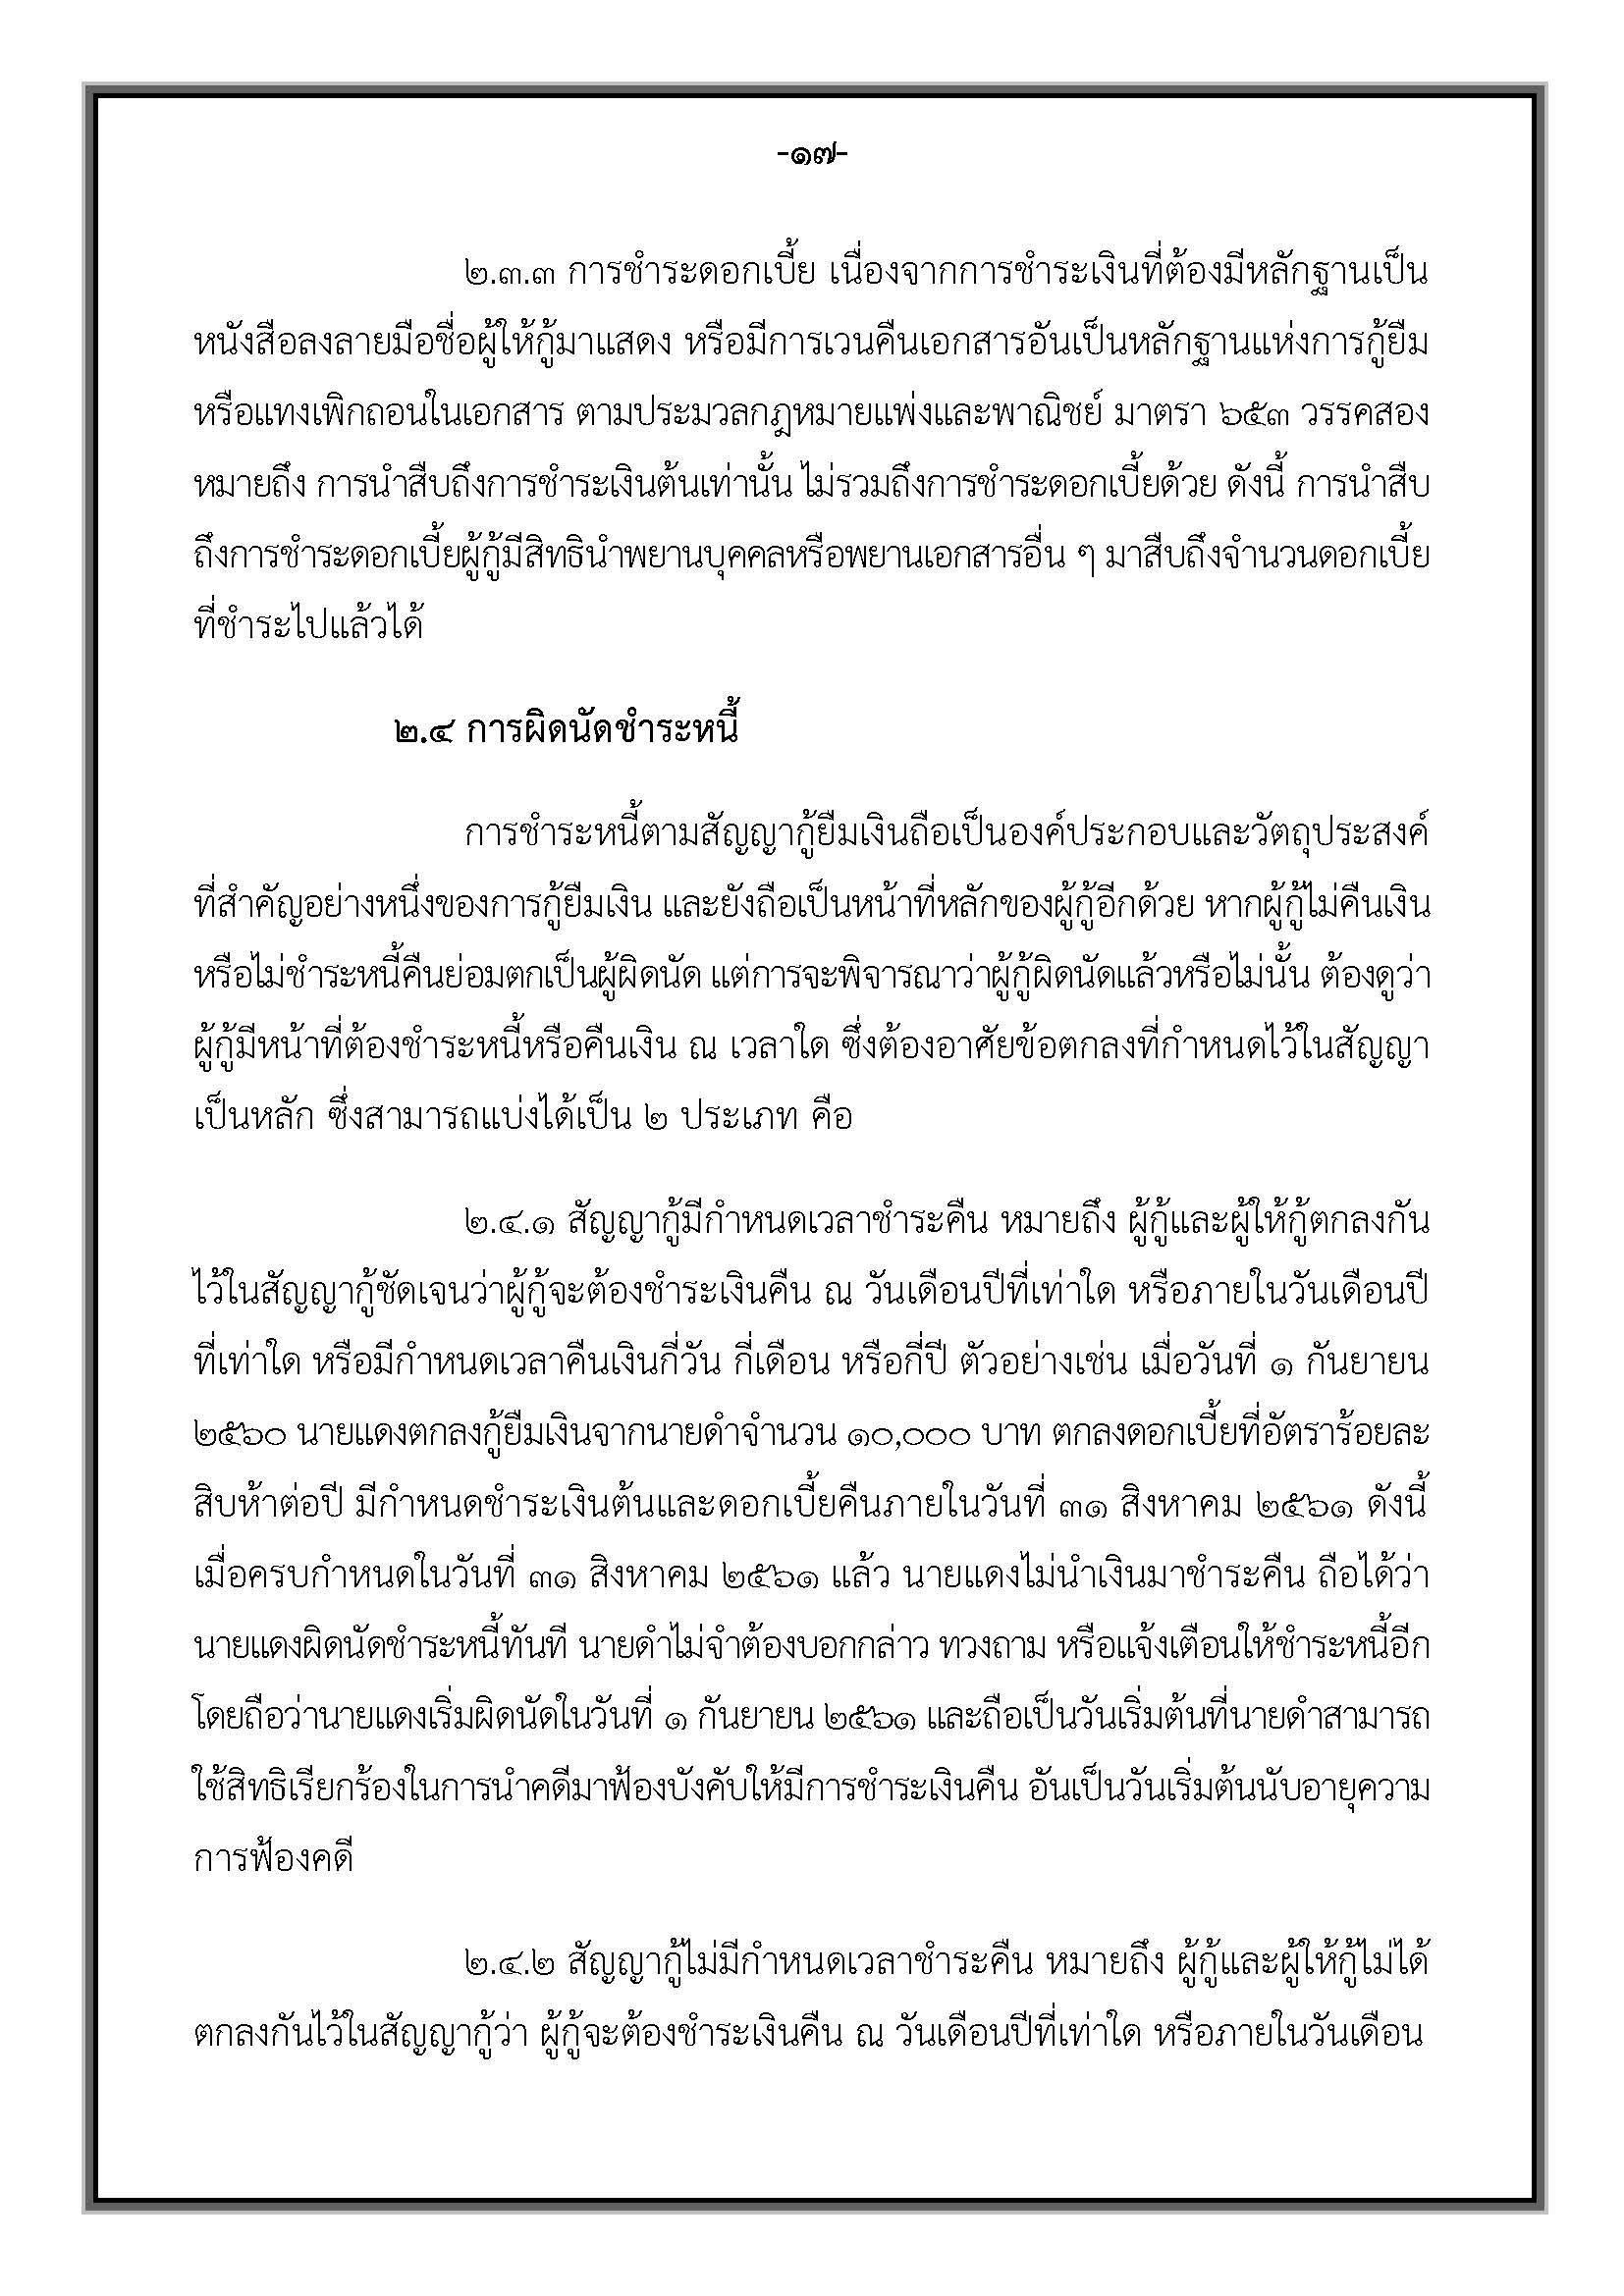 คำแนะนำ-สัญญากู้ยืมเงิน_Page_21